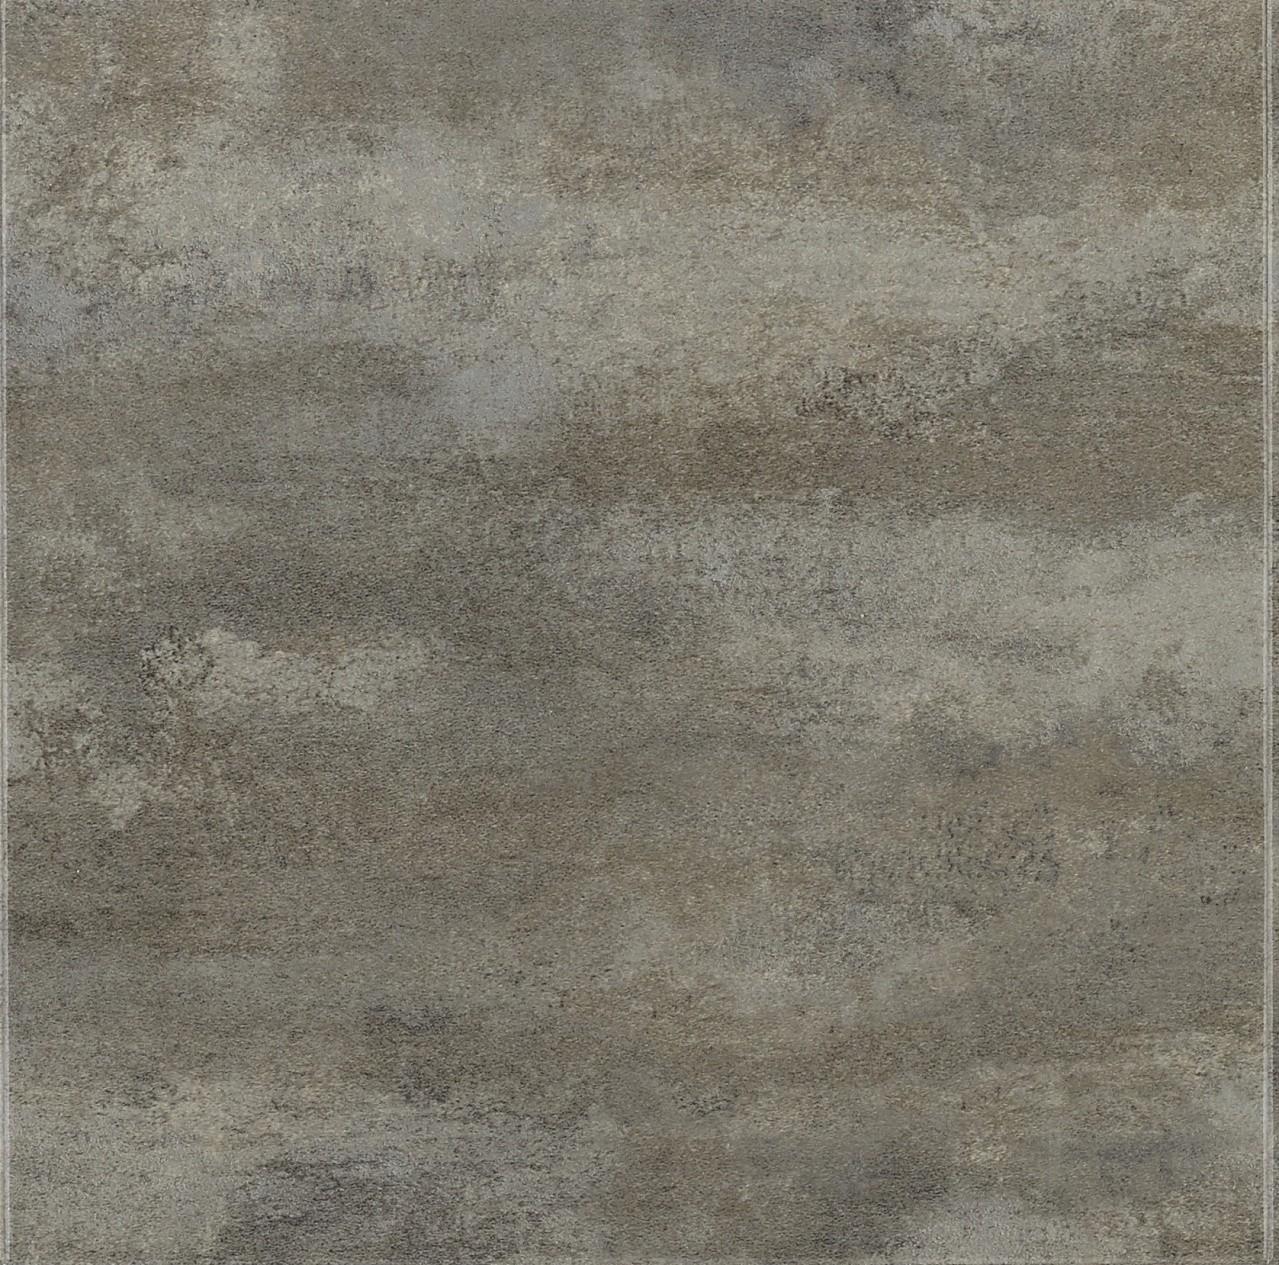 Moduleo concrete 40286 pvc vloeren - Vloeren vinyl cement tegel ...